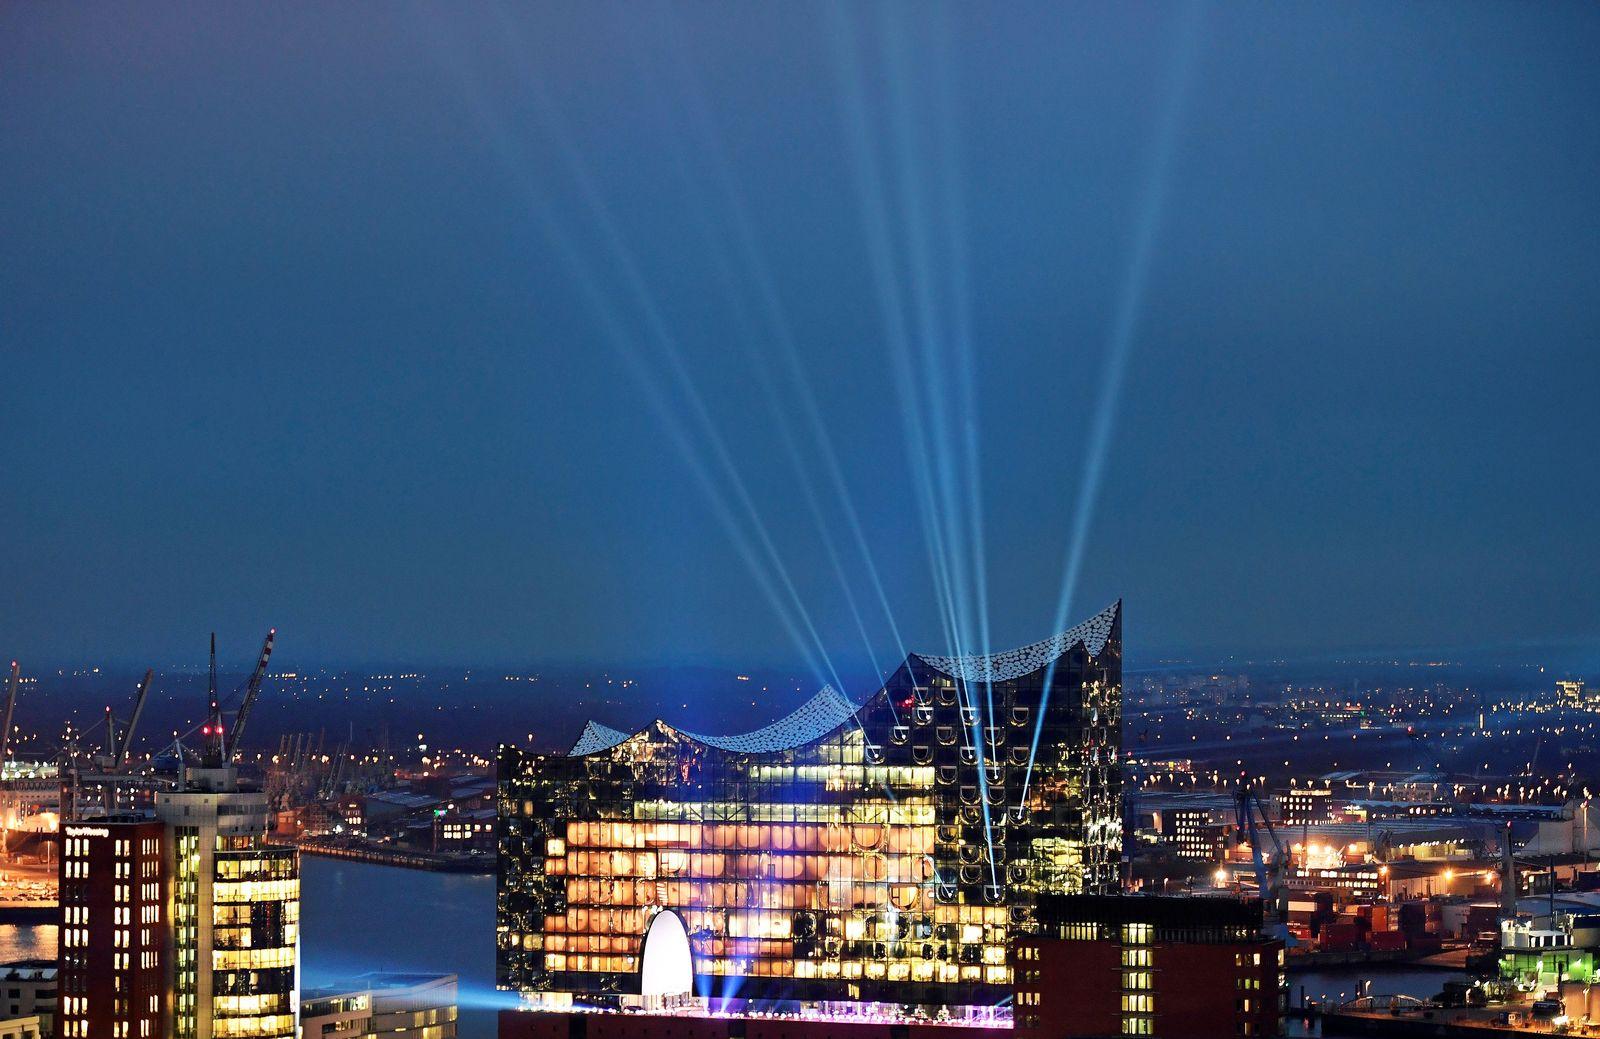 Strom/ Hamburg / Elbphilharmonie / Beleuchtung / Energie